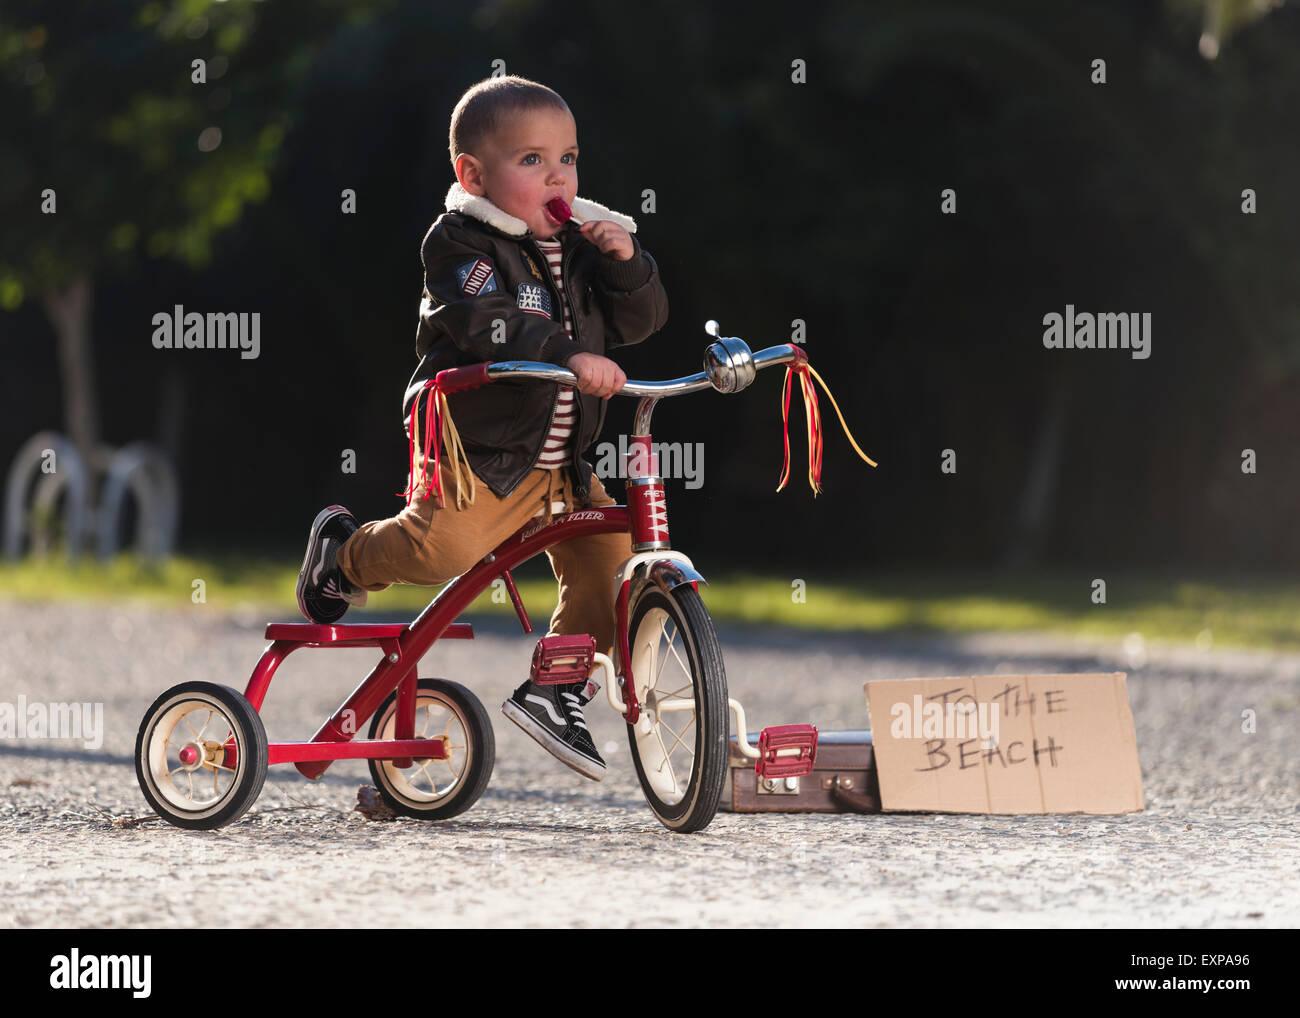 Ragazzino sulla sua bicicletta. Immagini Stock